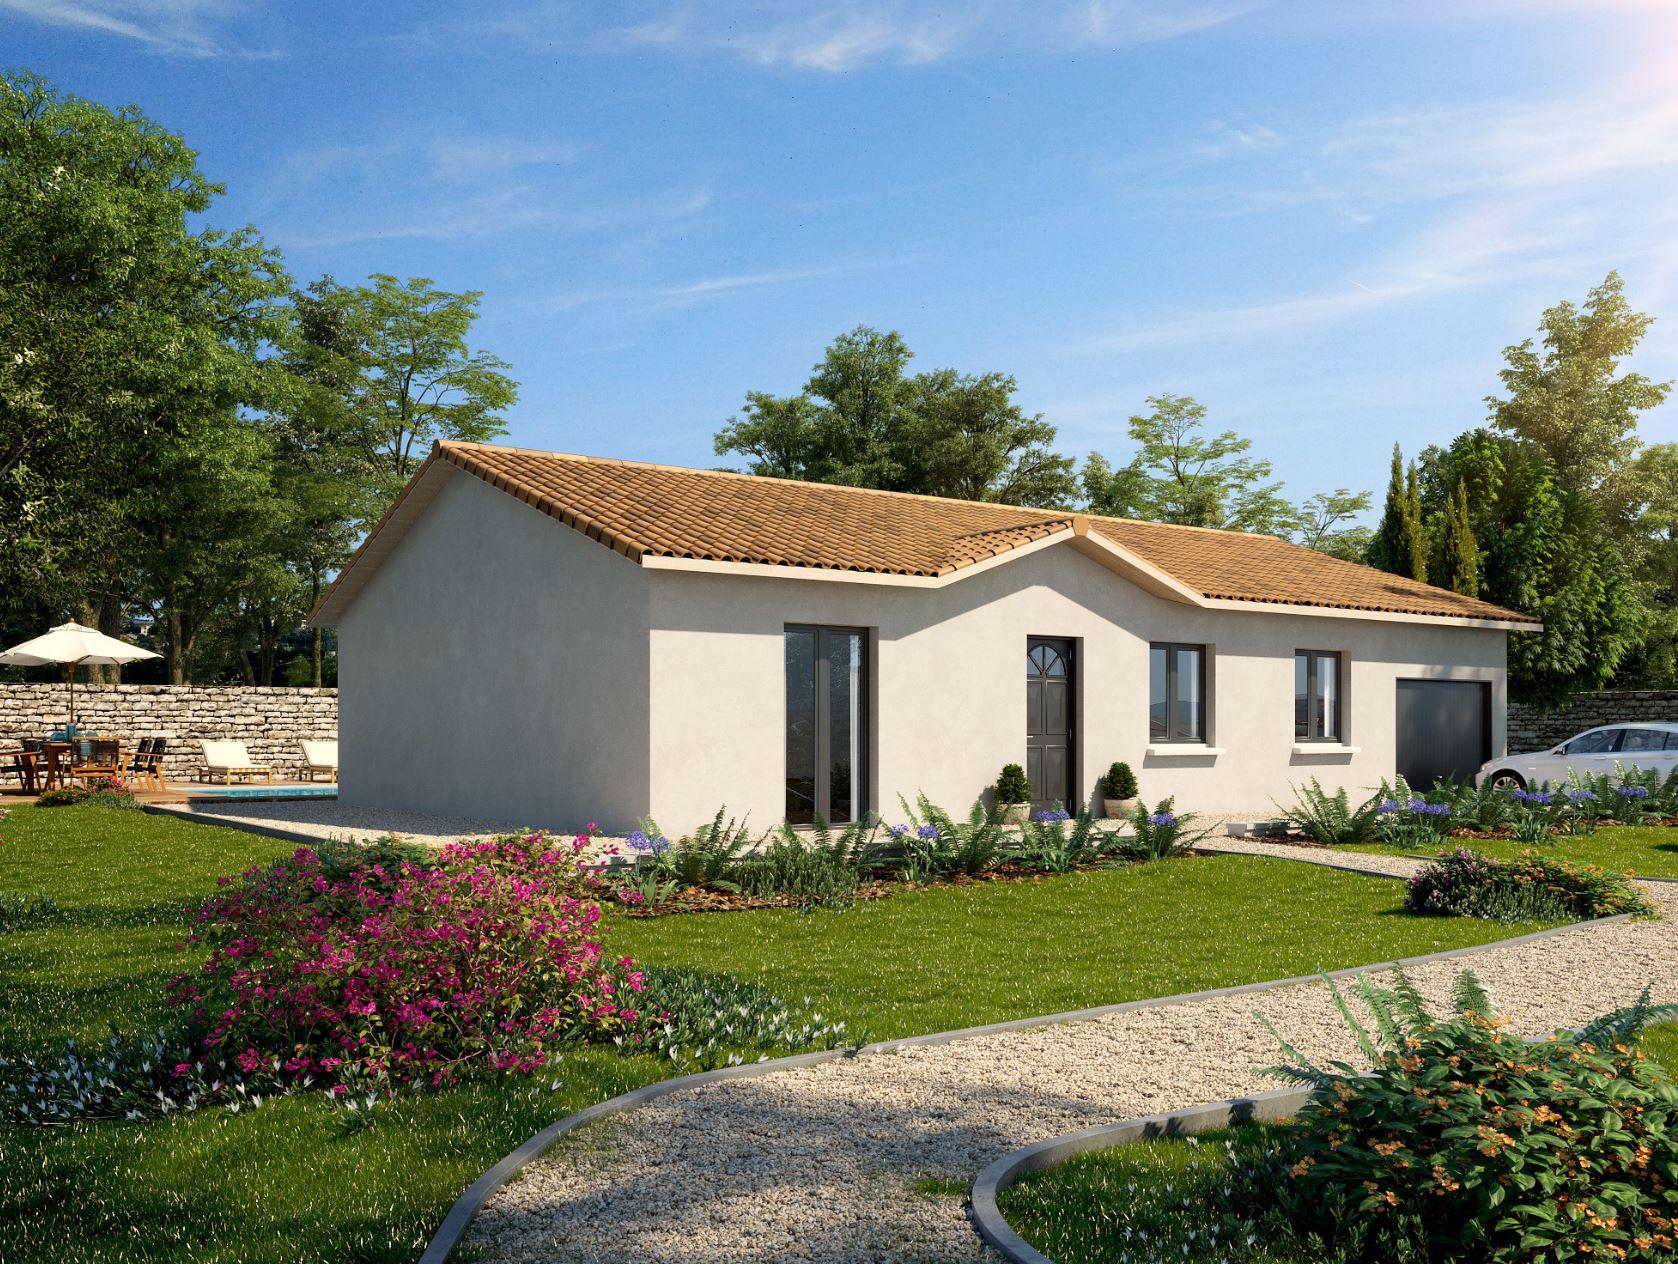 Maisons + Terrains du constructeur MAISONS PUNCH • 91 m² • LES OLMES